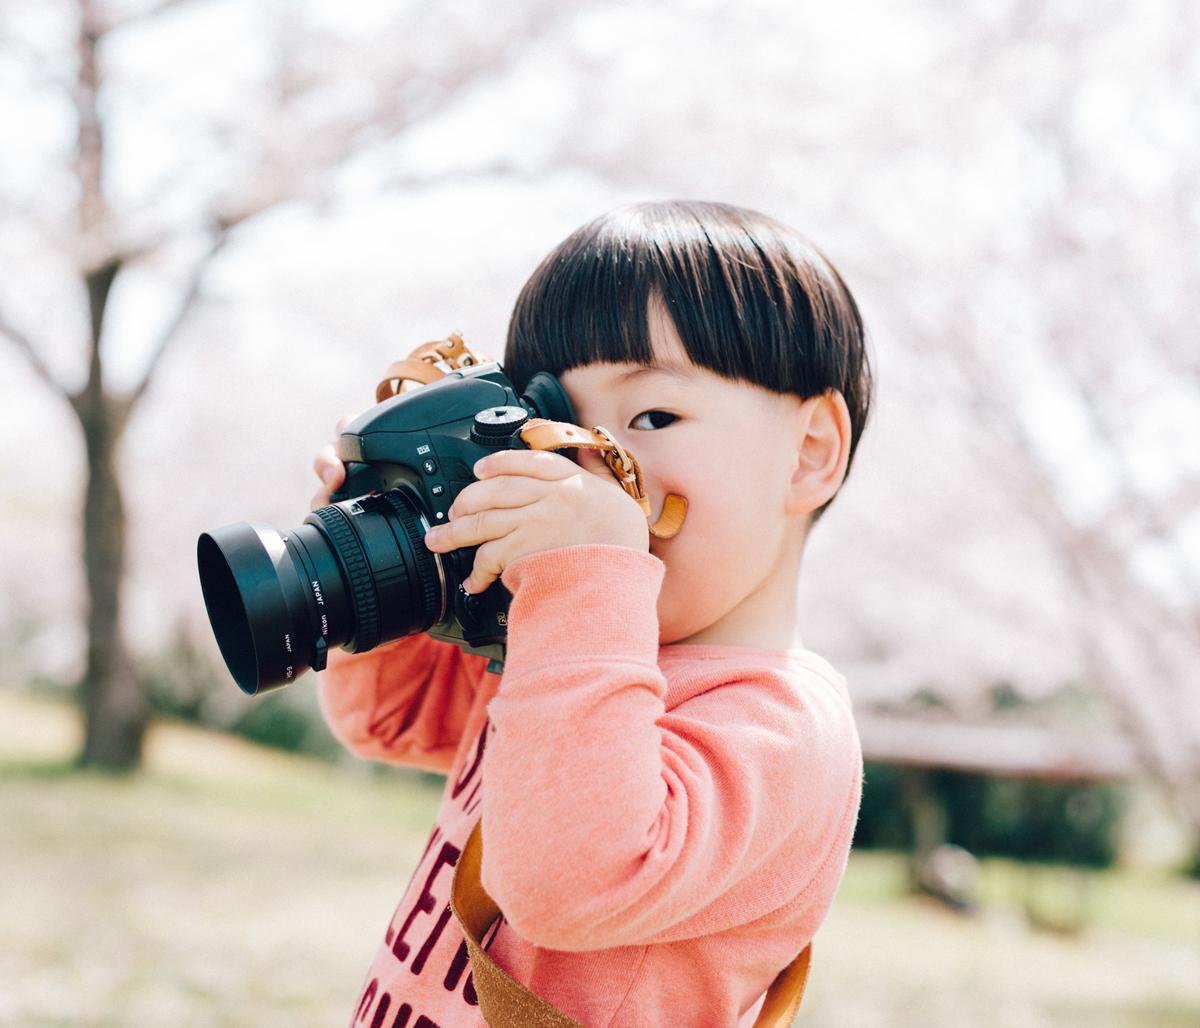 Hi Light Photo studio